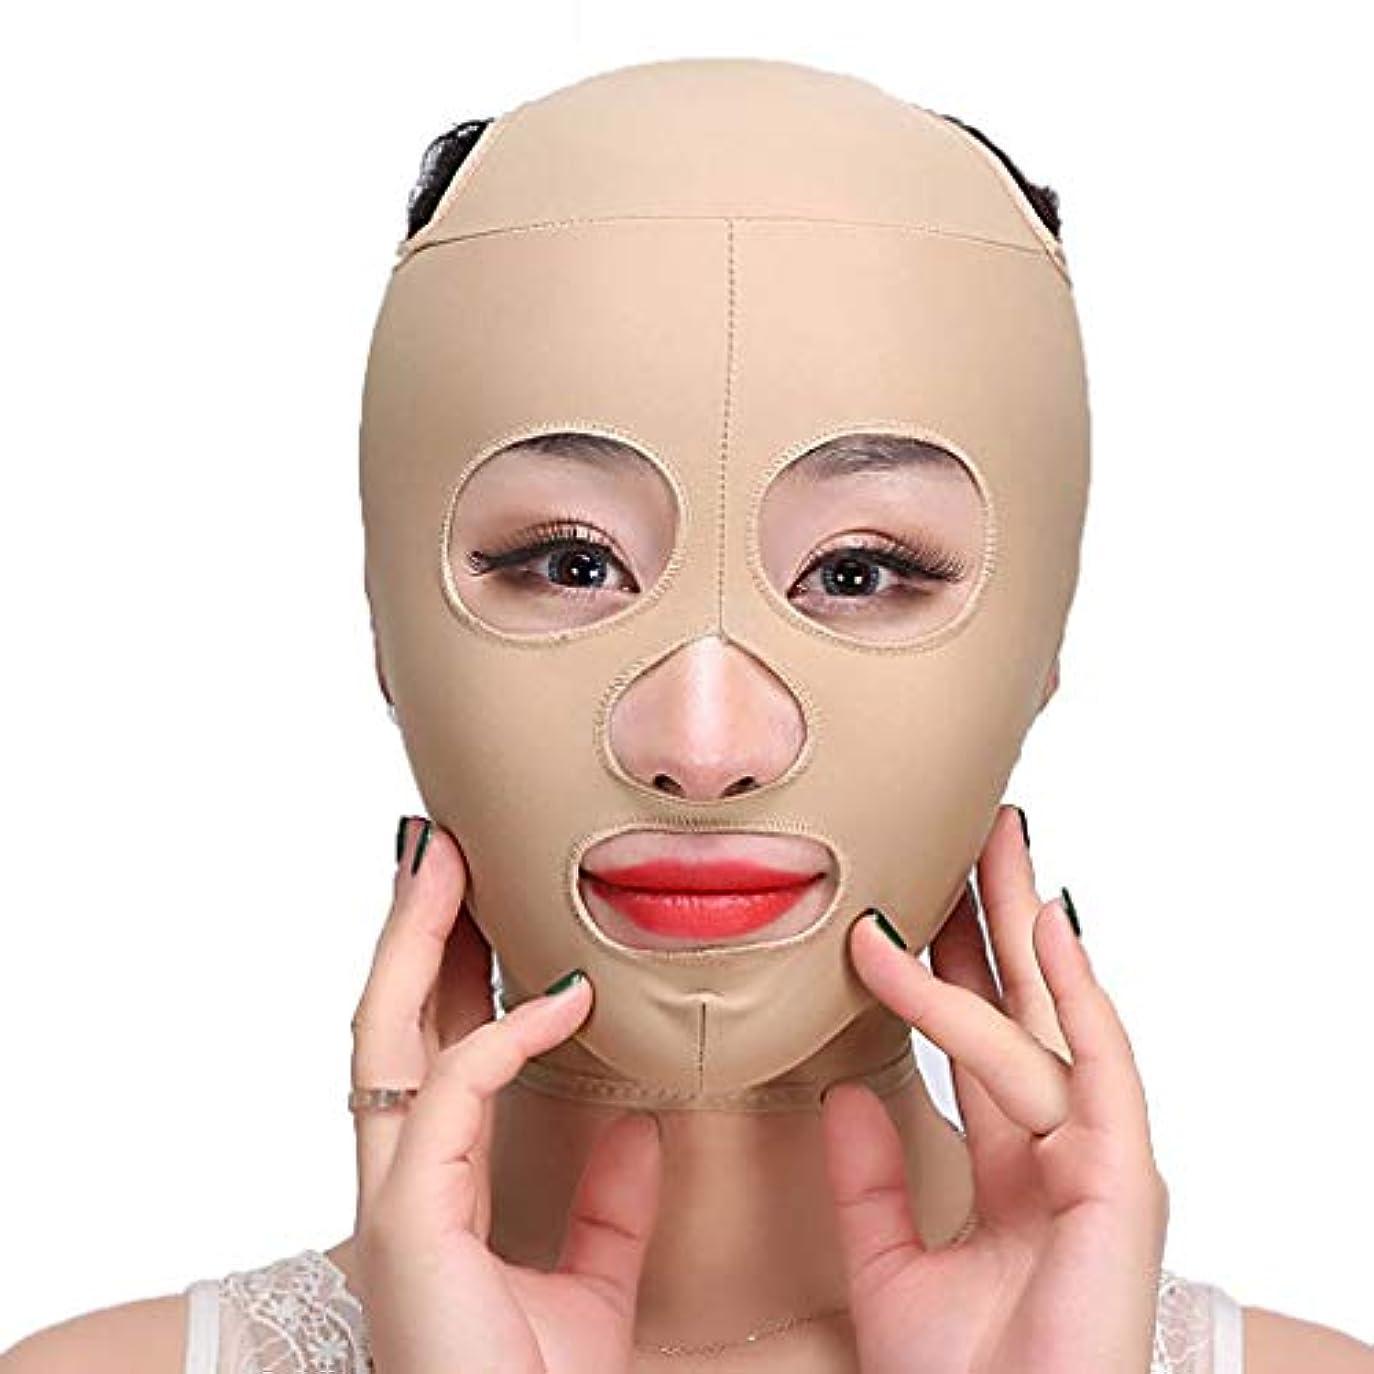 熟す毛皮最もLJK 痩身ベルト、フェイスマスク薄いフェイス楽器リフティング引き締めVフェイス男性と女性フェイスリフティングステッカーダブルチンフェイスリフティングフェイスマスク包帯フェイシャルマッサージ (Size : L)